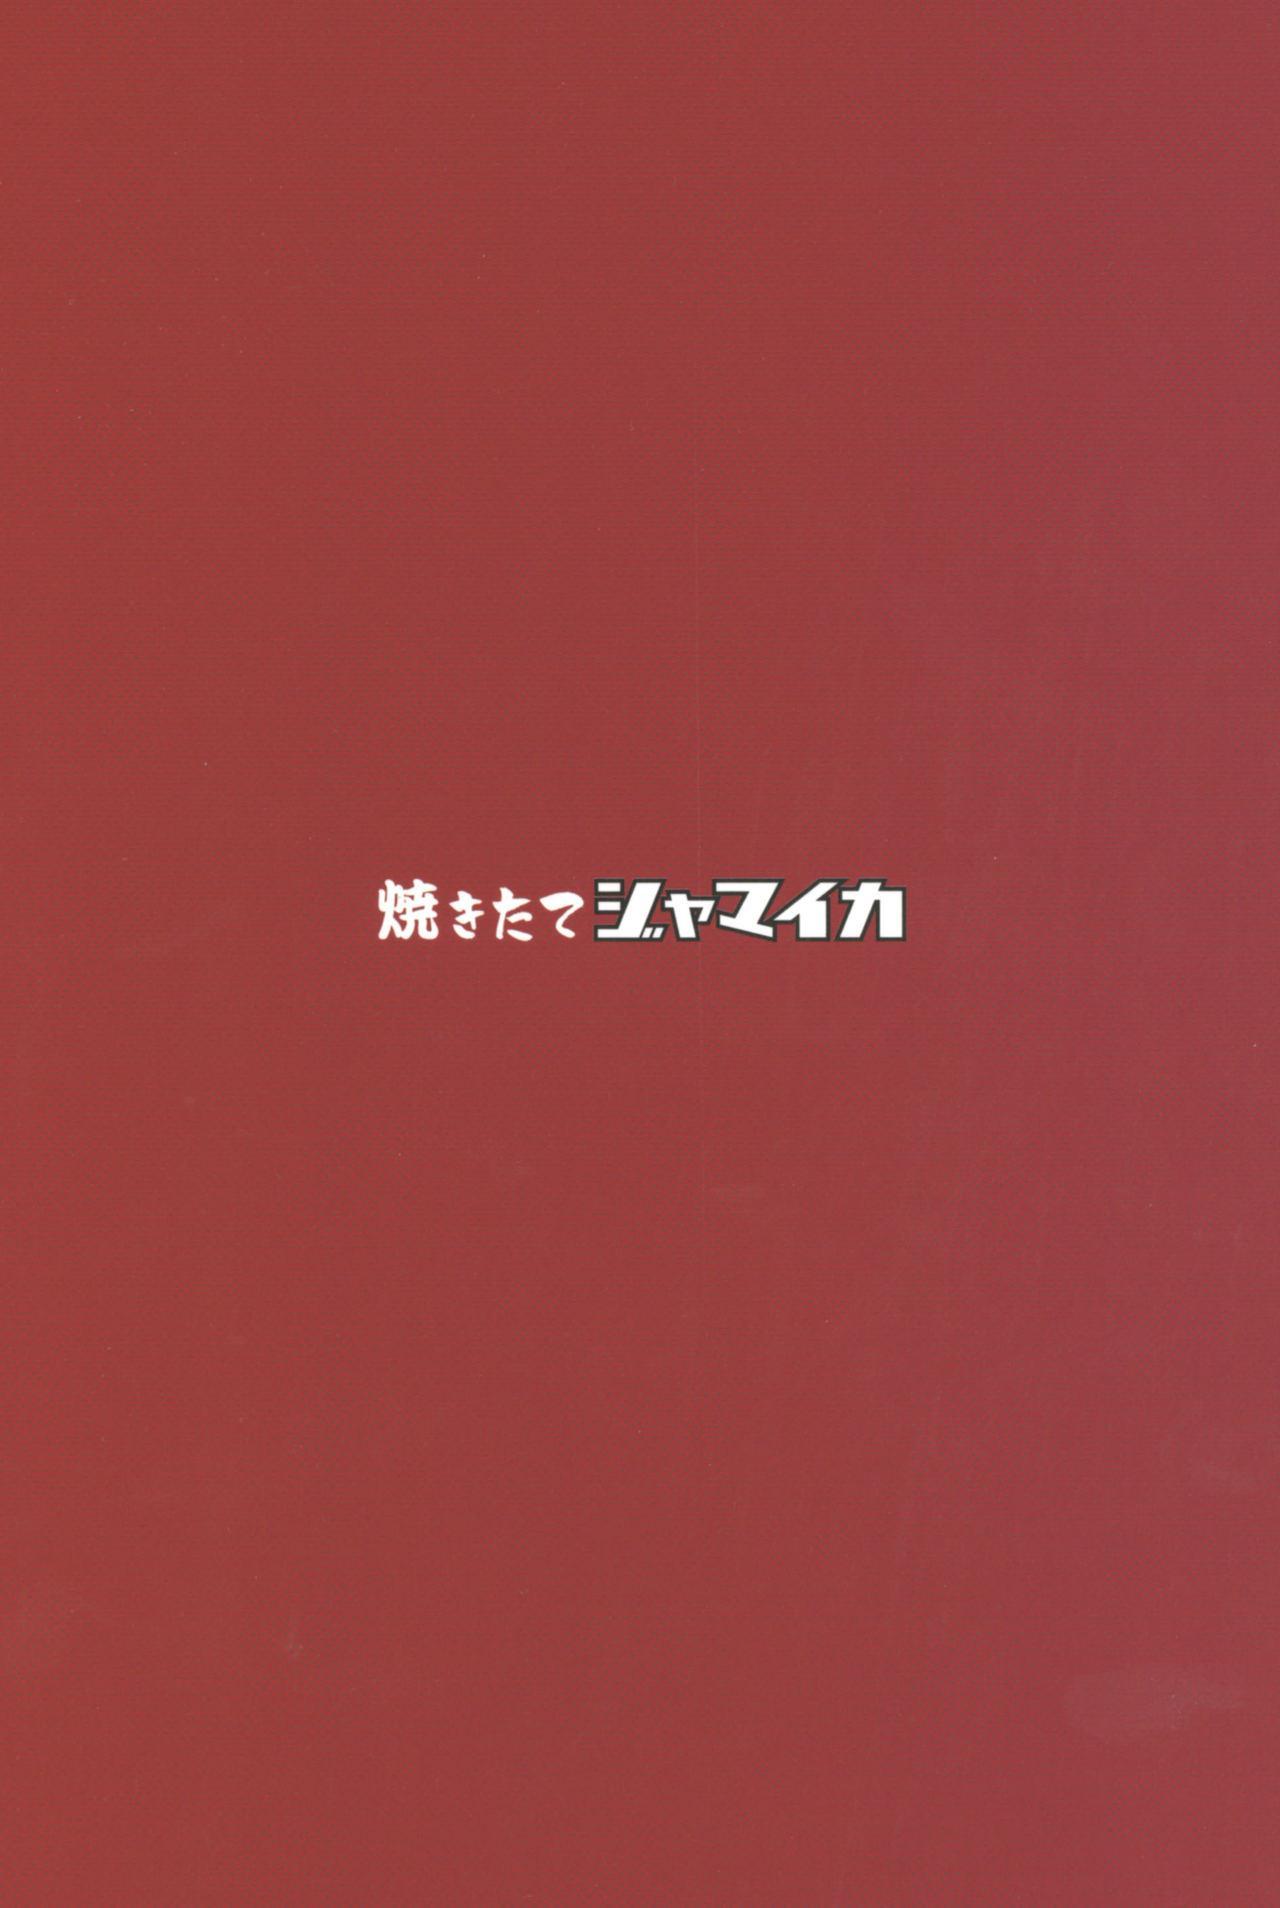 Chinpo Yakuza Miporin 4 Koucha Kairaku Choukyou Hen 26